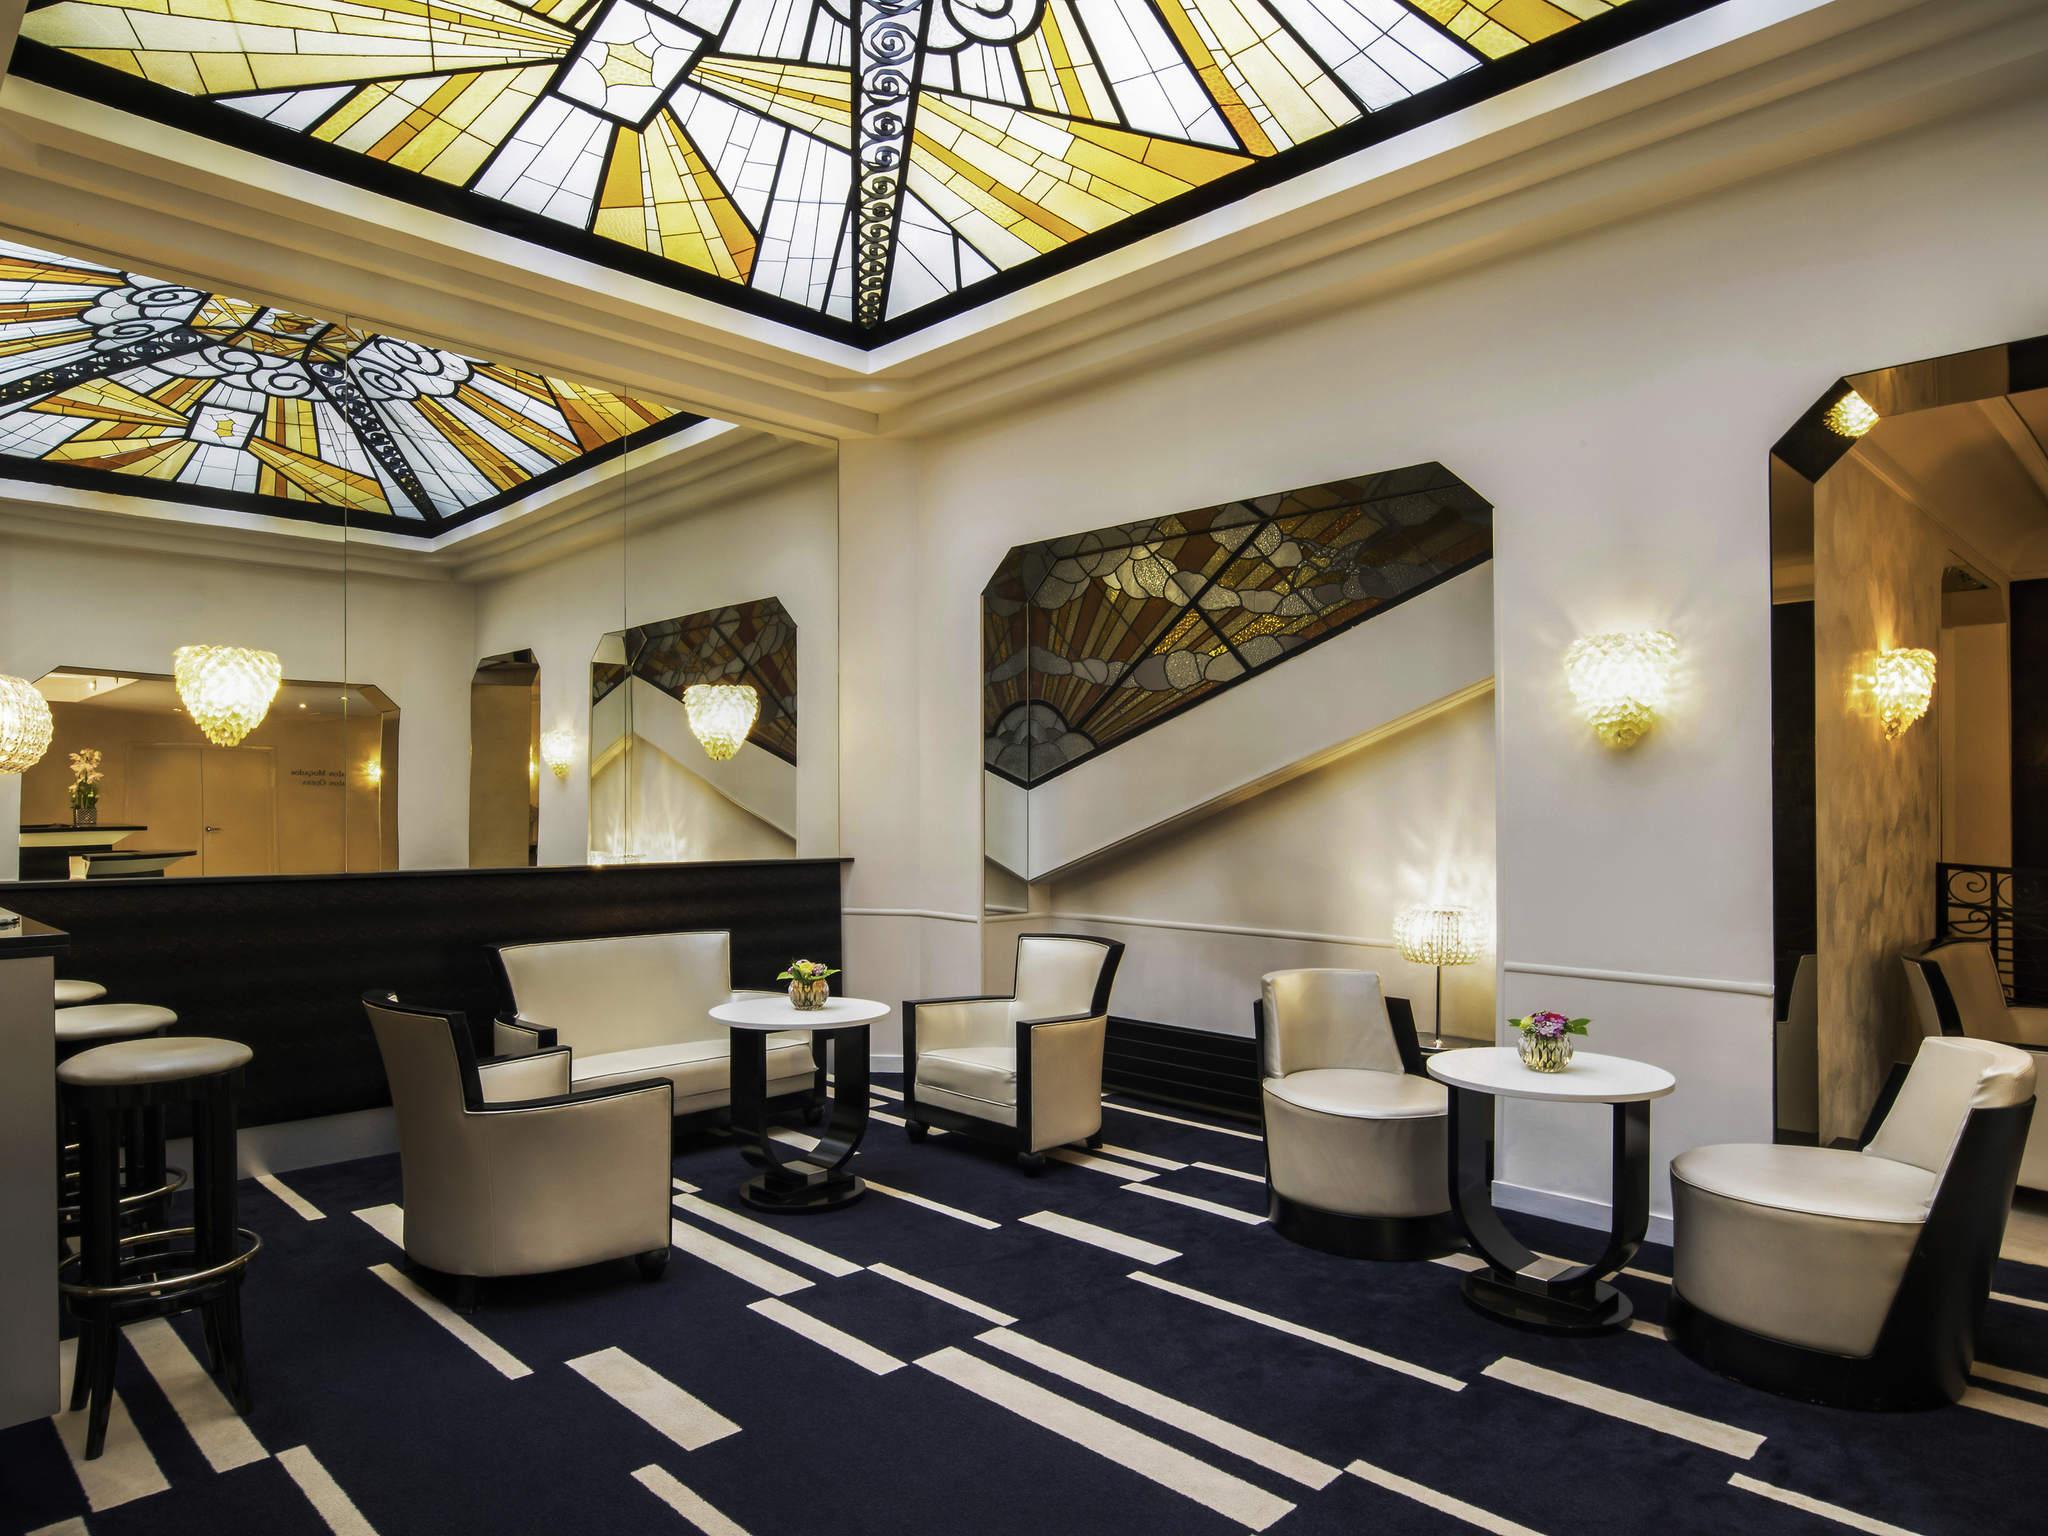 Hotel - Hotel Mercure Paris Opéra Faubourg Montmartre